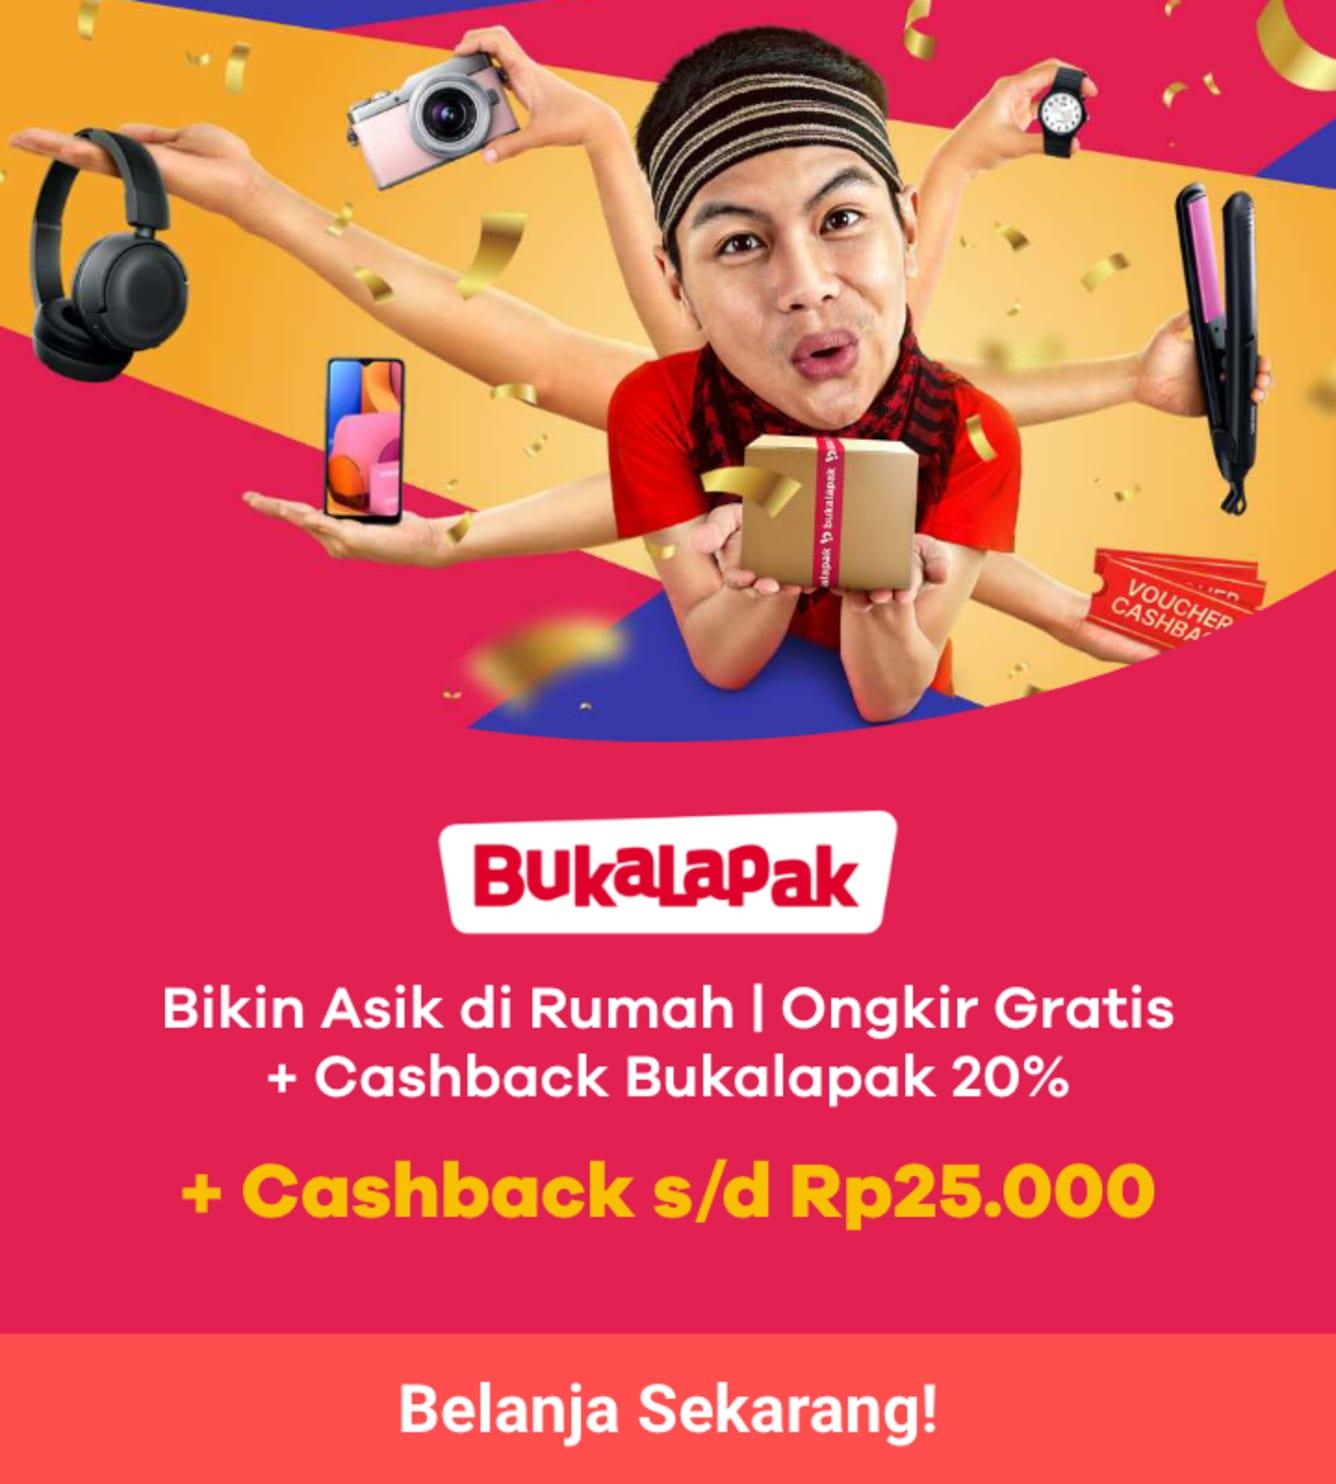 Week 14 - Promo Bukalapak